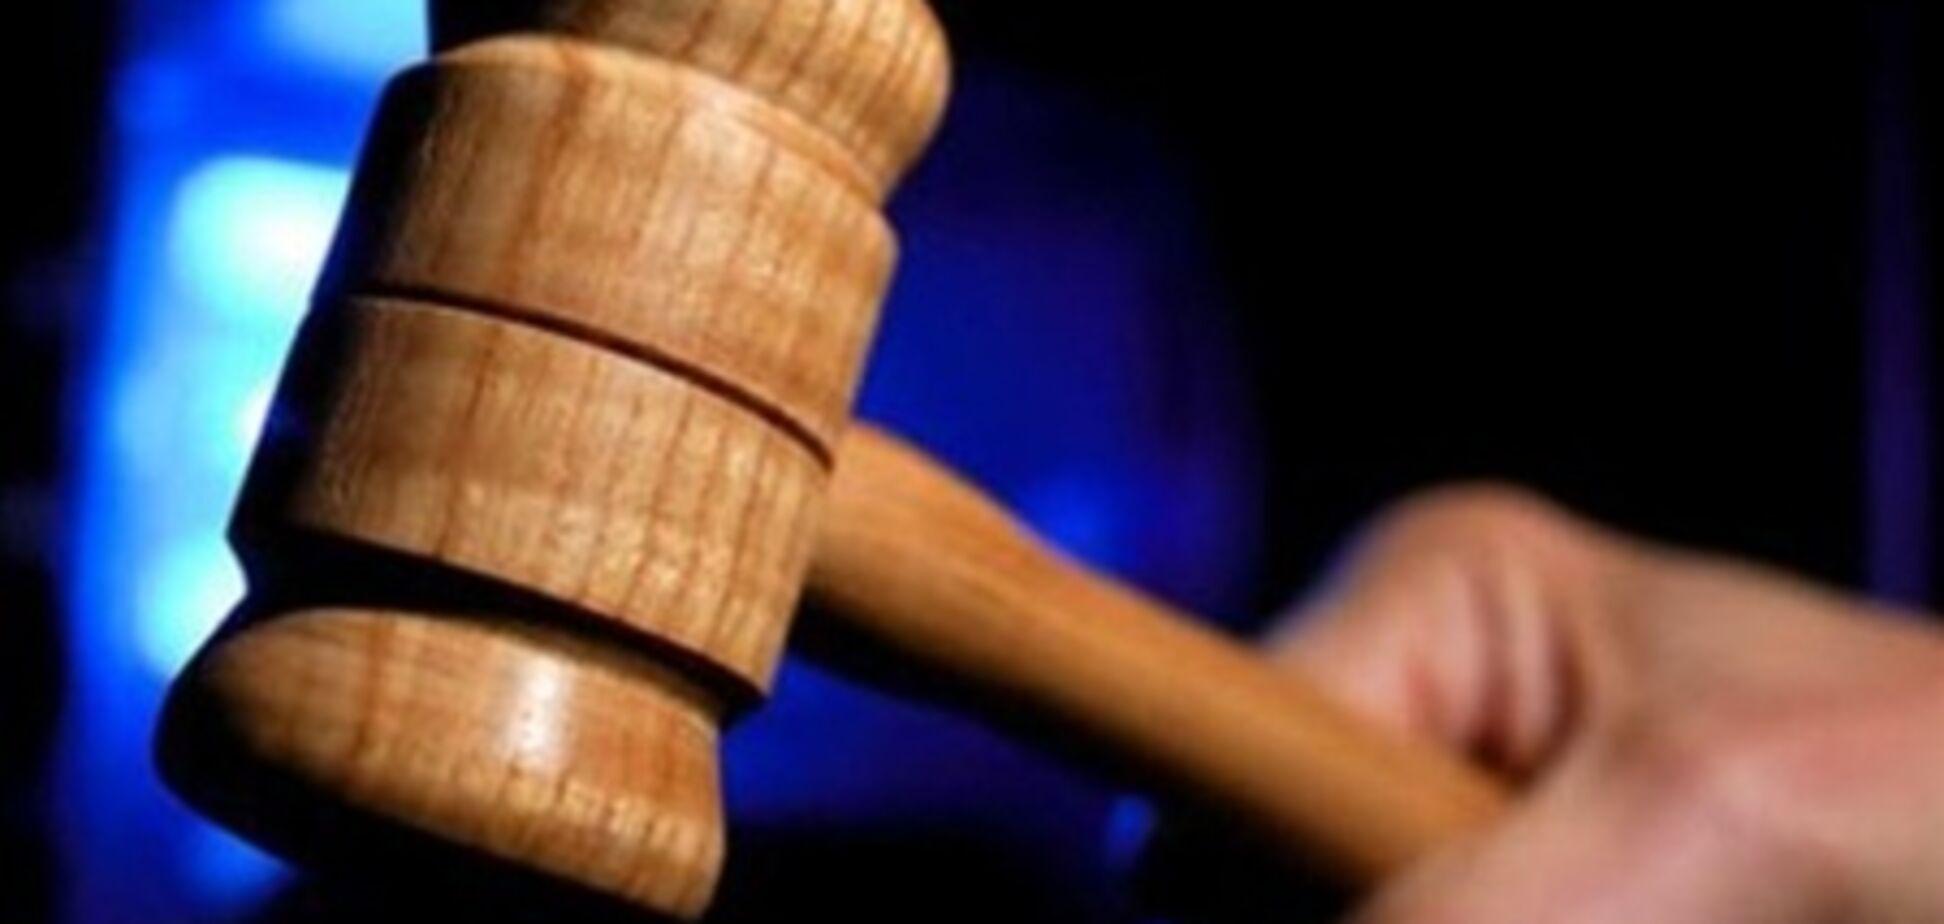 Екс-чиновника МНС, смерть переїхав дітей, засудили до 8 років